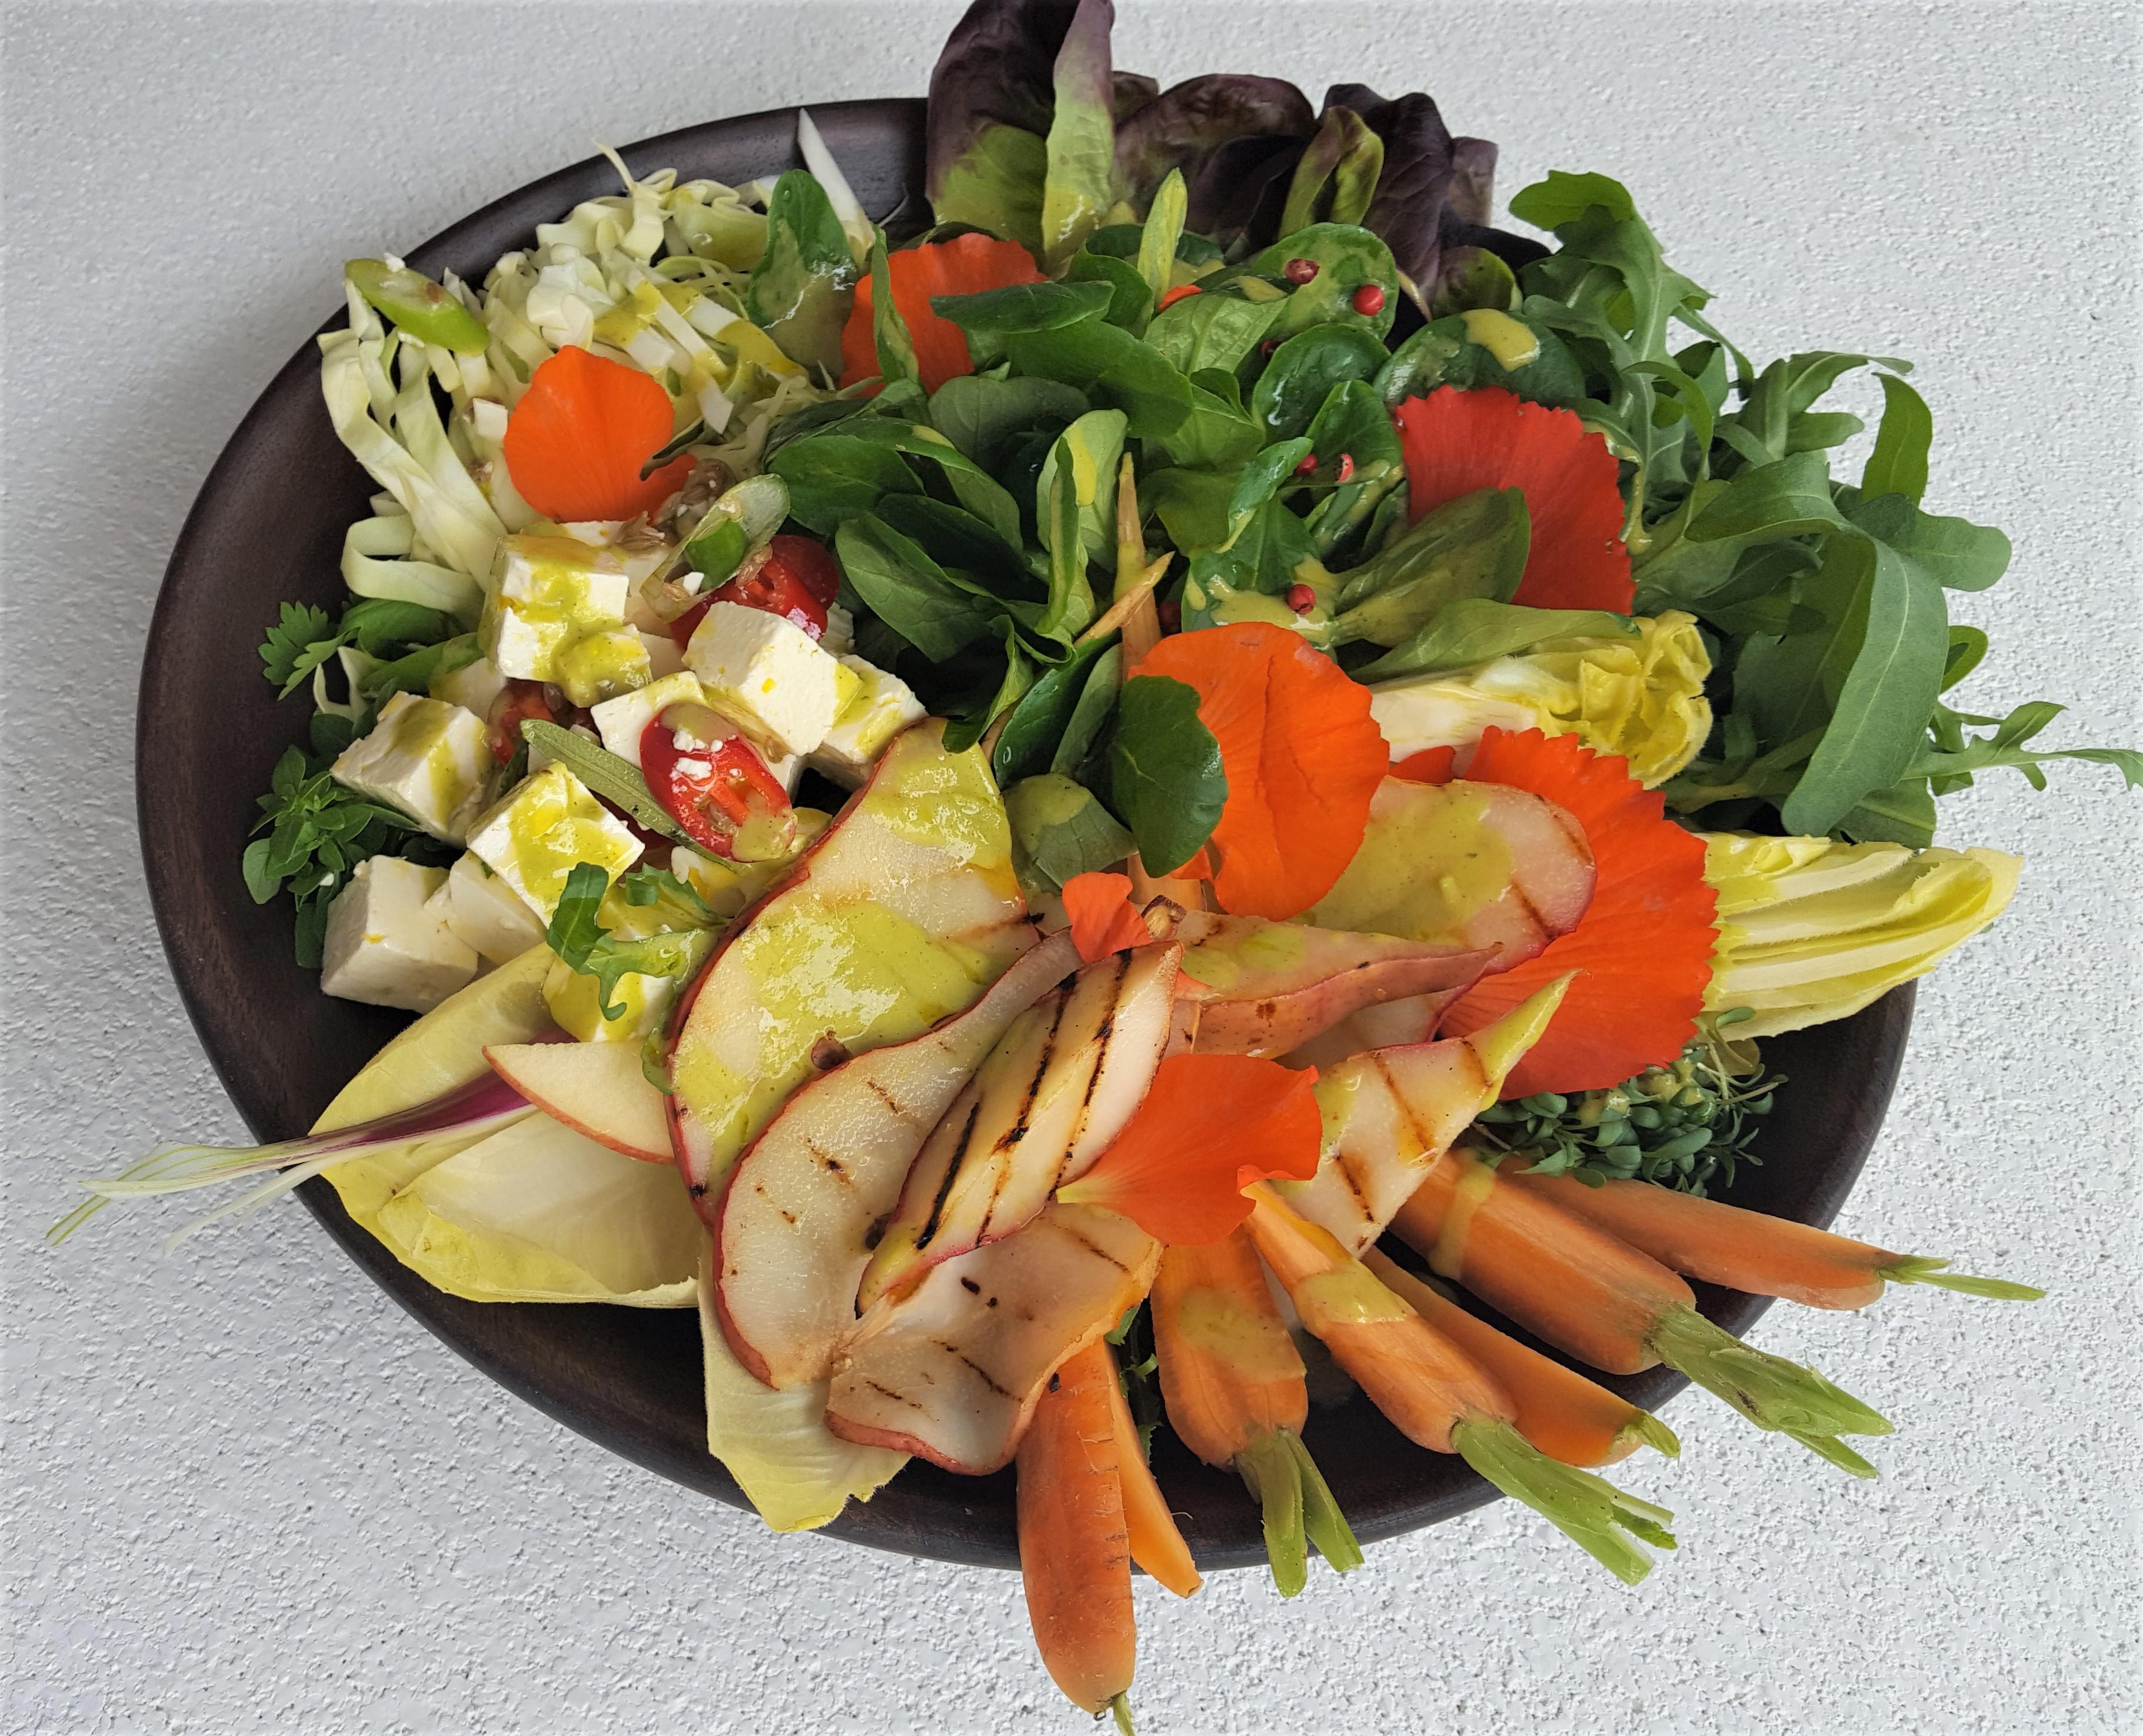 Herbstsalate mit Birnen-Feigensenfdressing, Käse, Nüssen & Sprossen